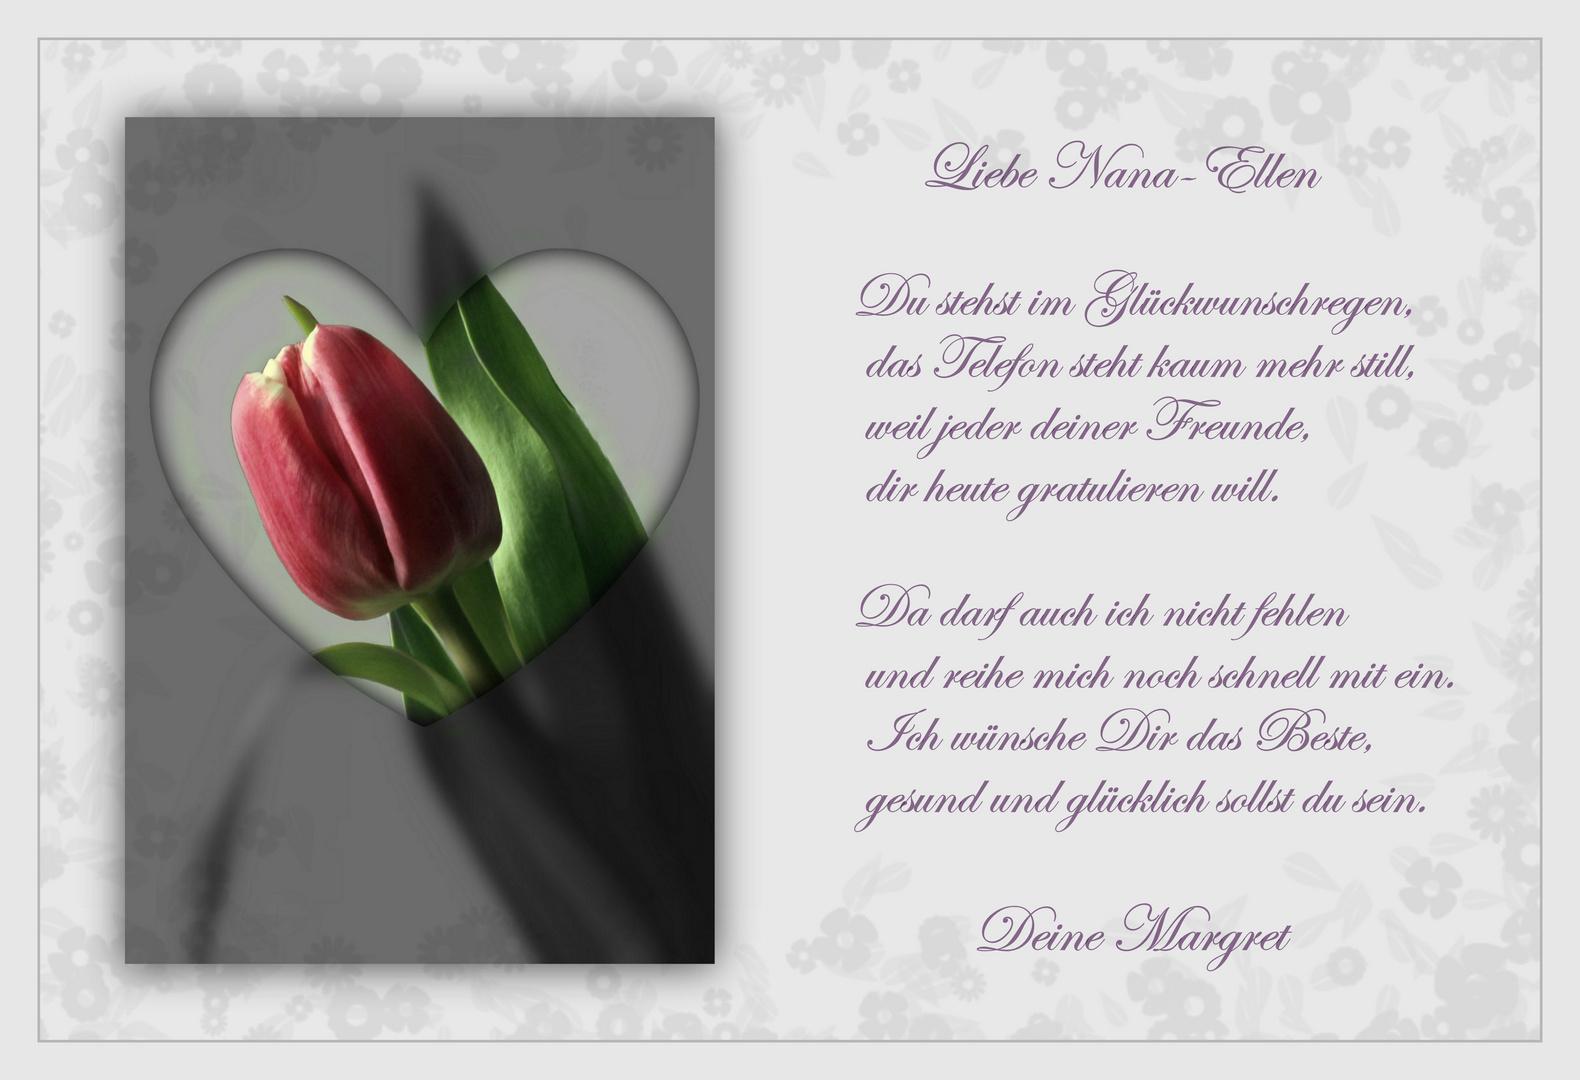 Geburtstagswünsche Karten Bilder.Geburtstagsgrüße Für Nana Ellen Foto Bild Gratulation Und